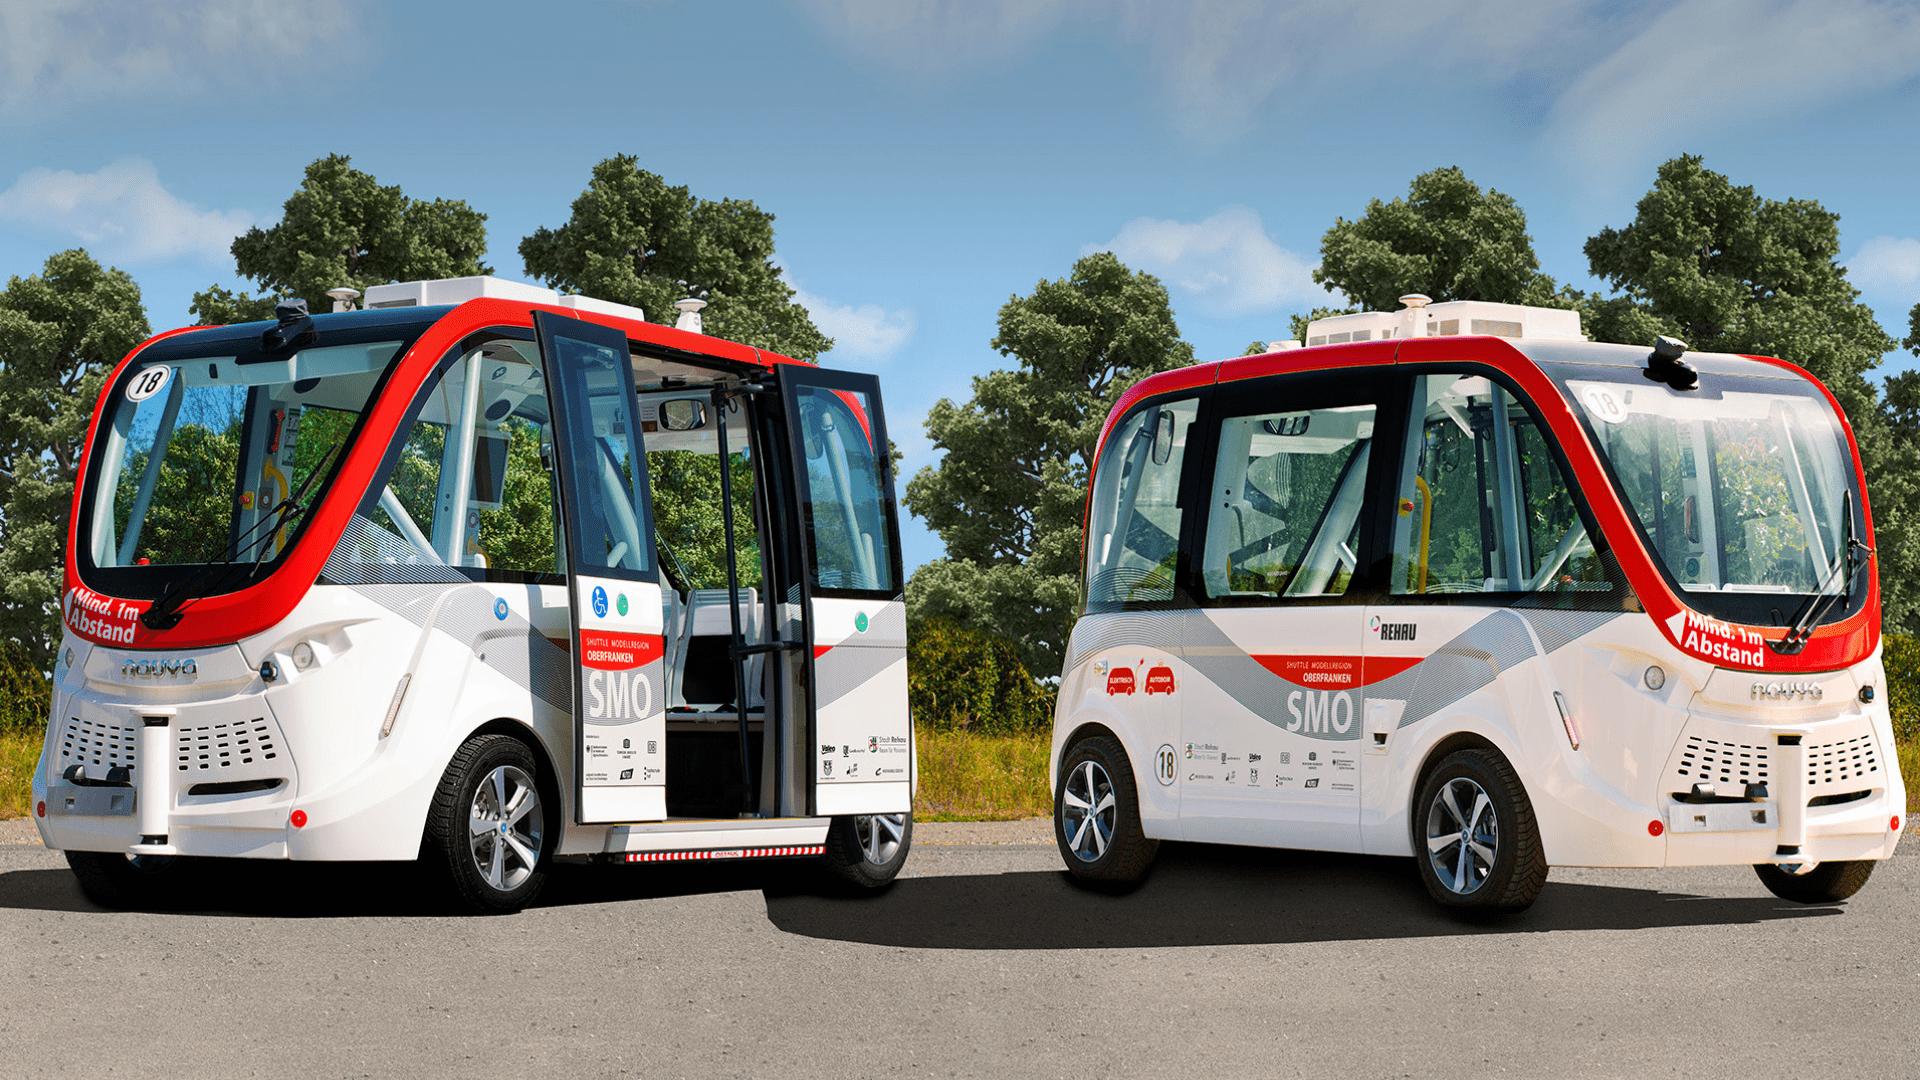 Autonomer Bus - SMO Shuttle Modellregion Oberfranken